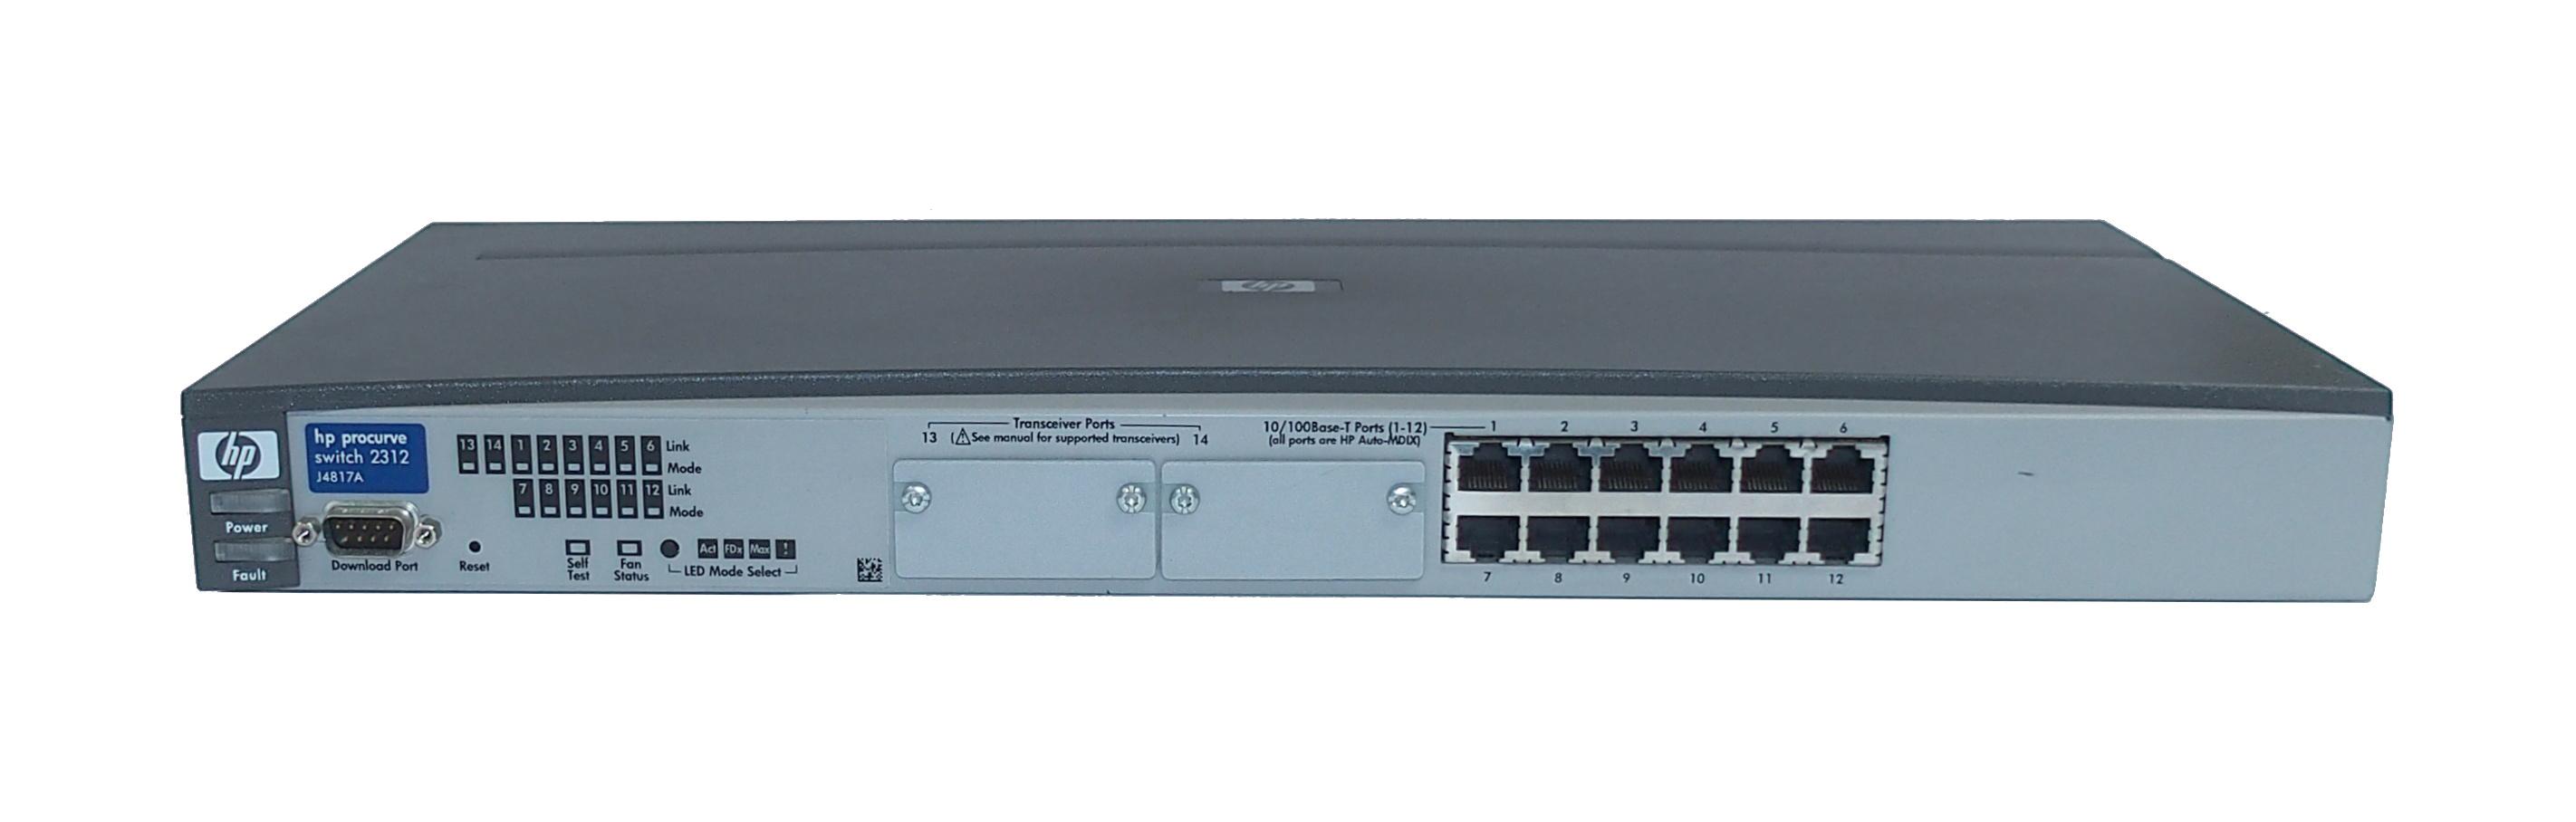 HP J4817A Procurve 2312 12-Ports 10/100Base-T Switch- No Rack Mount Ears